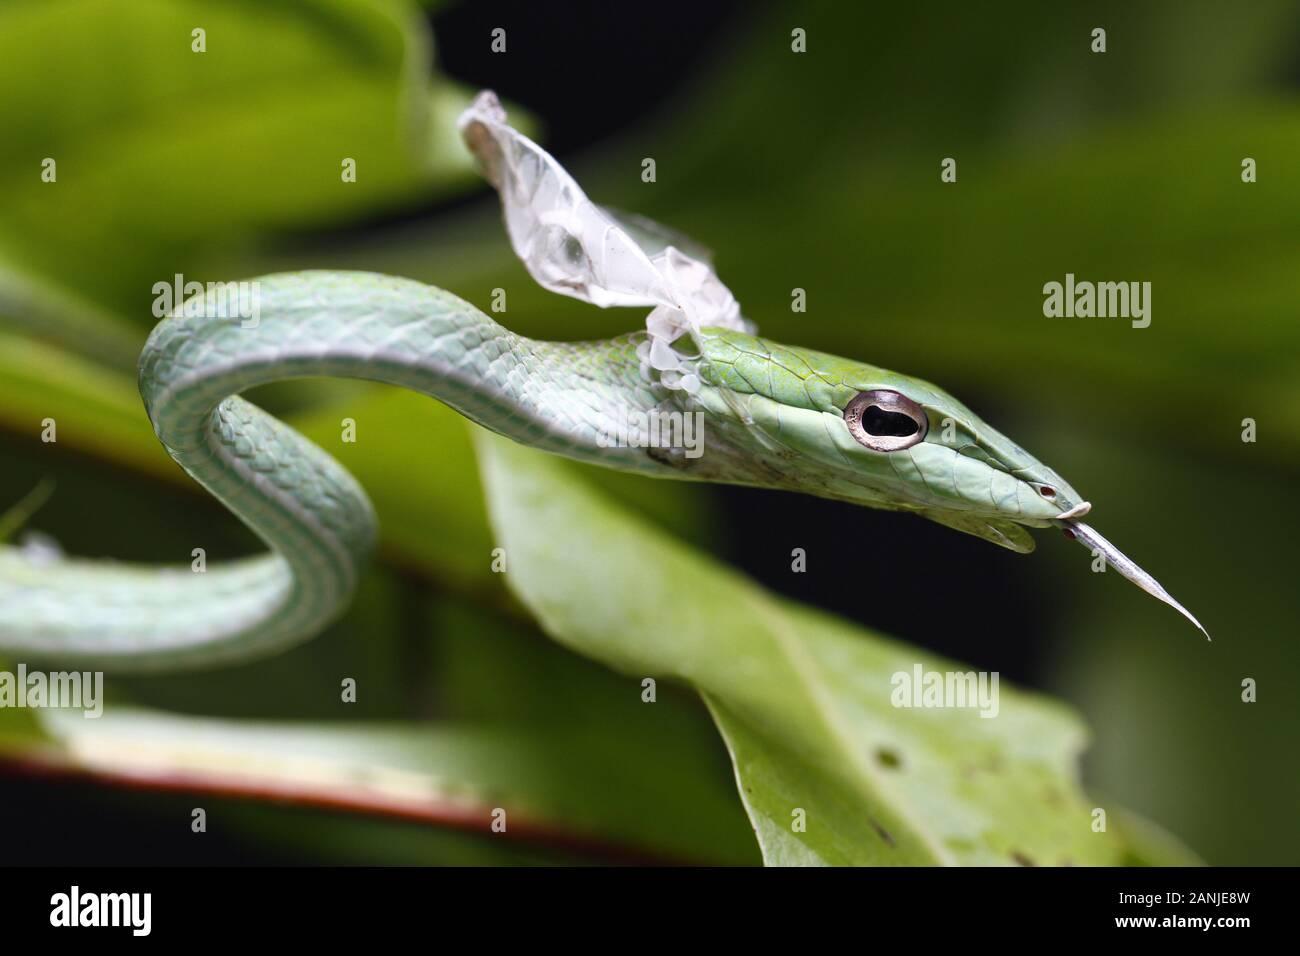 Cerca de la Serpiente (vid asiáticos Ahaetulla prasina) derramamiento es la piel. Foto de stock